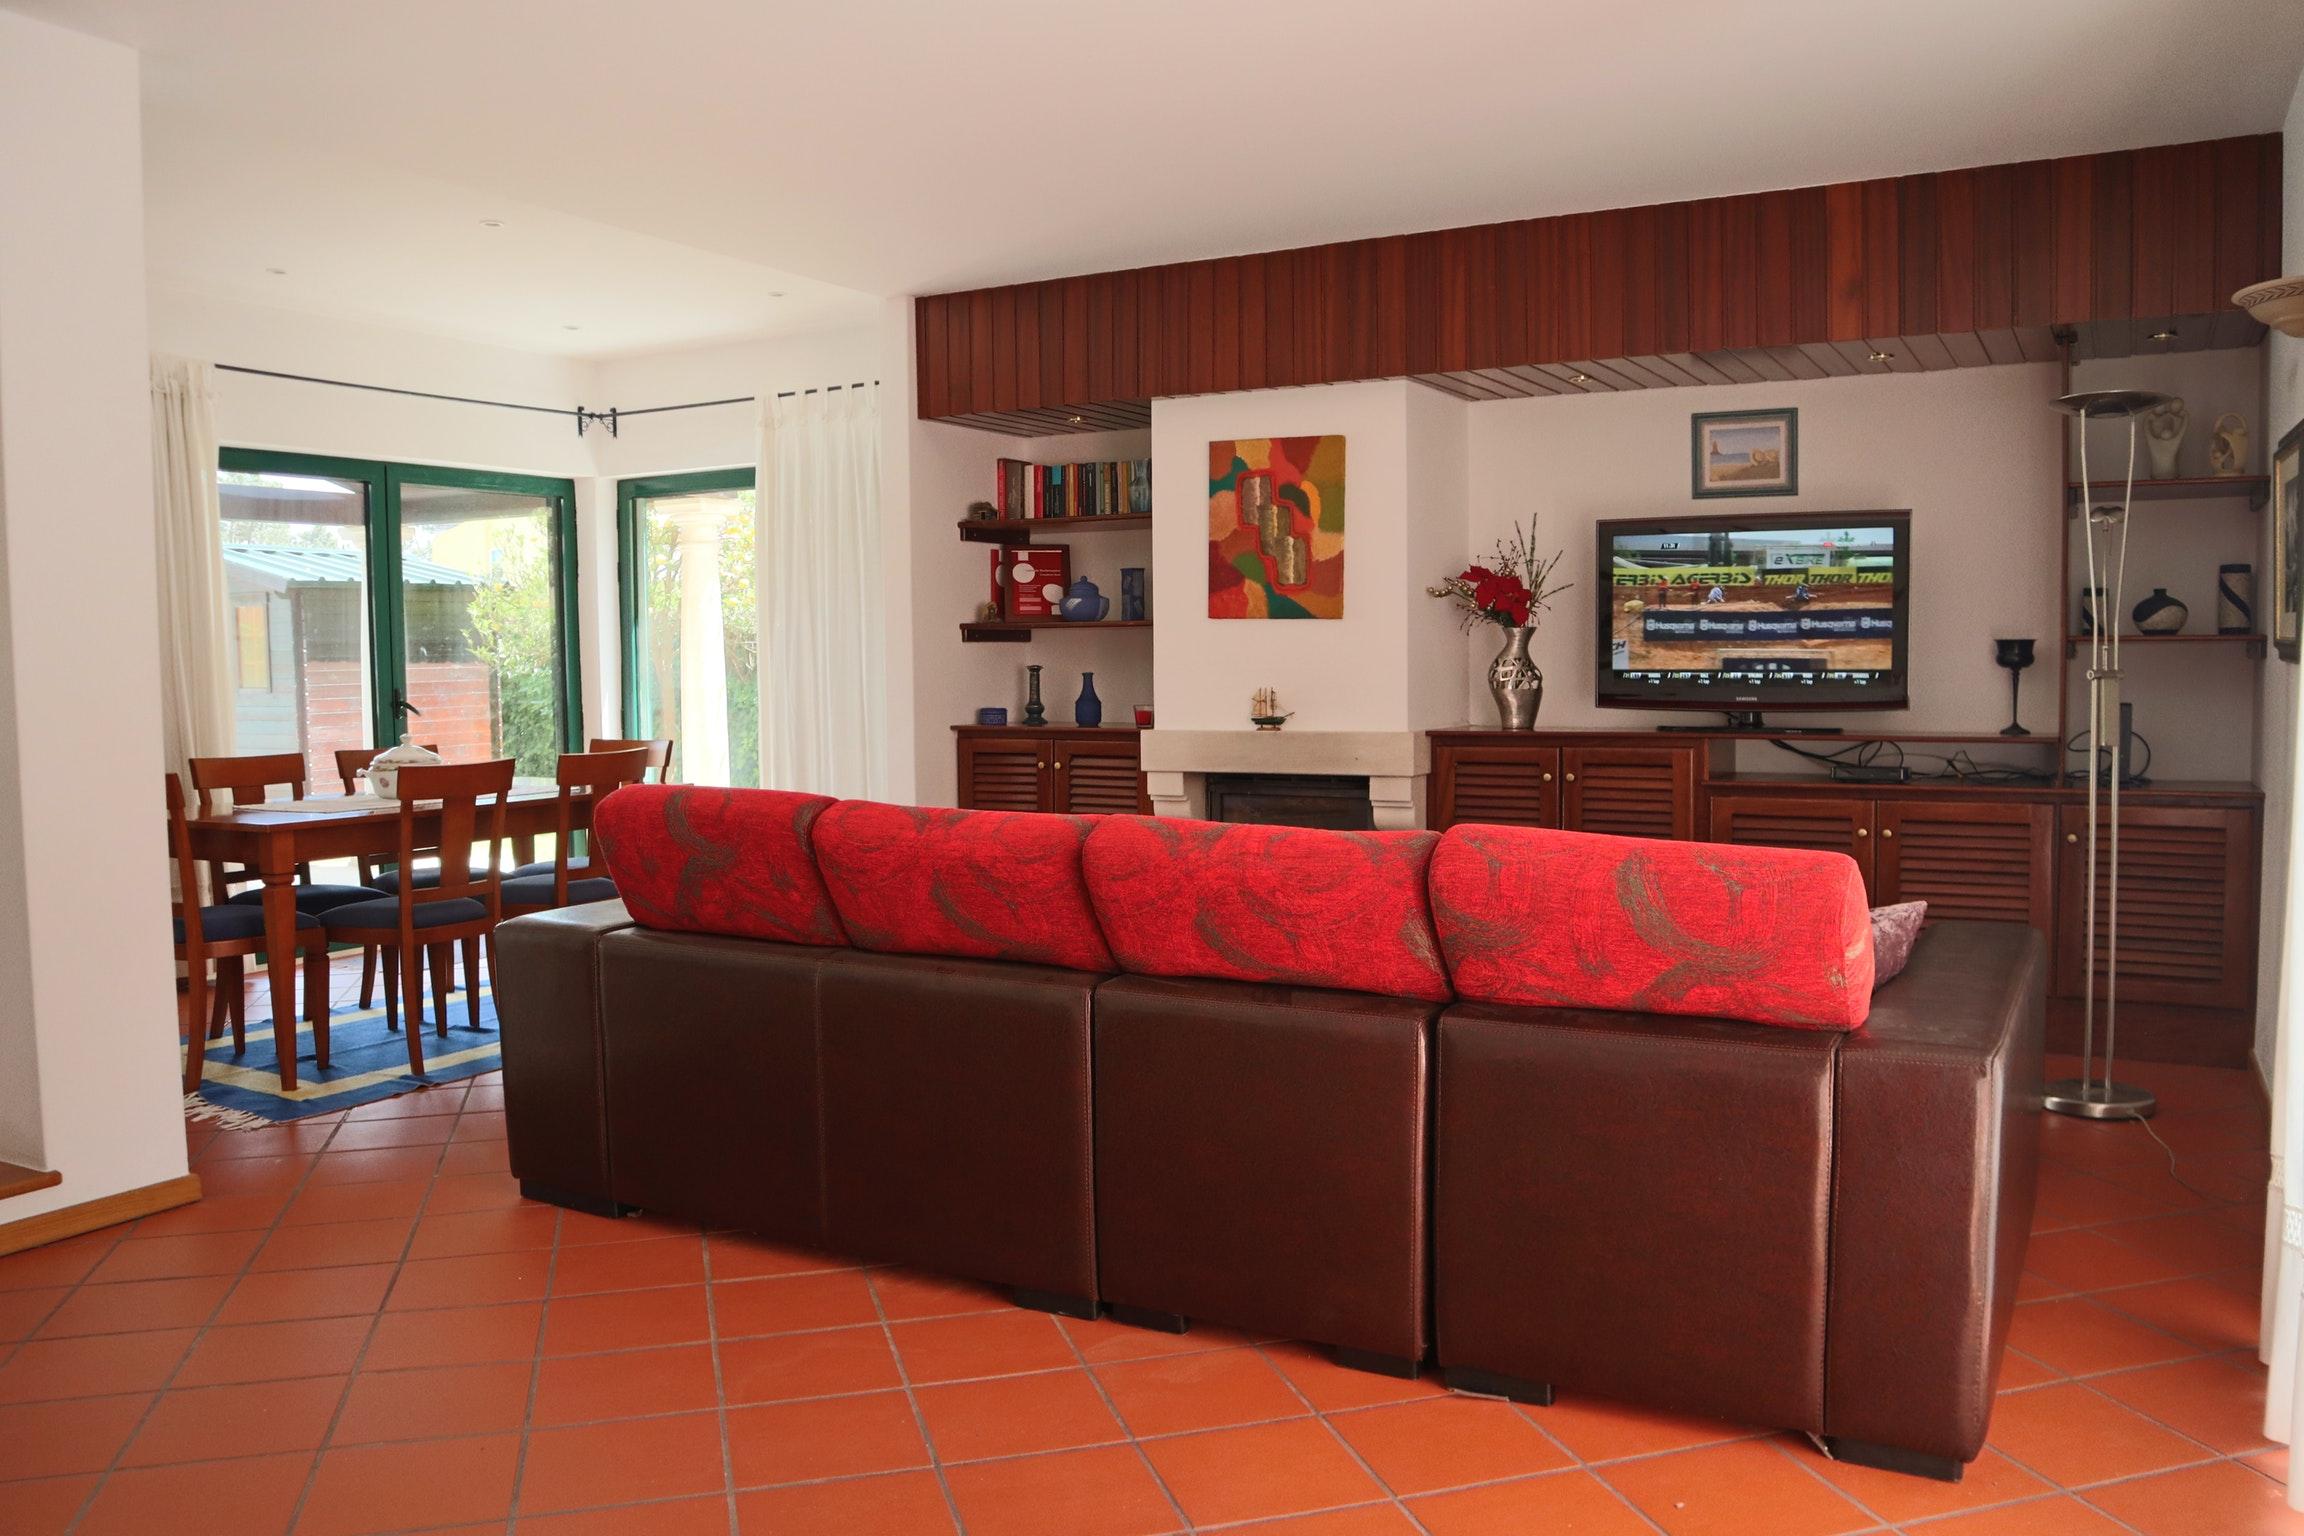 Ferienhaus Villa mit 4 Schlafzimmern in Praia de Mira mit privatem Pool, eingezäuntem Garten und W-LA (2623071), Praia de Mira, Costa de Prata, Zentral-Portugal, Portugal, Bild 14